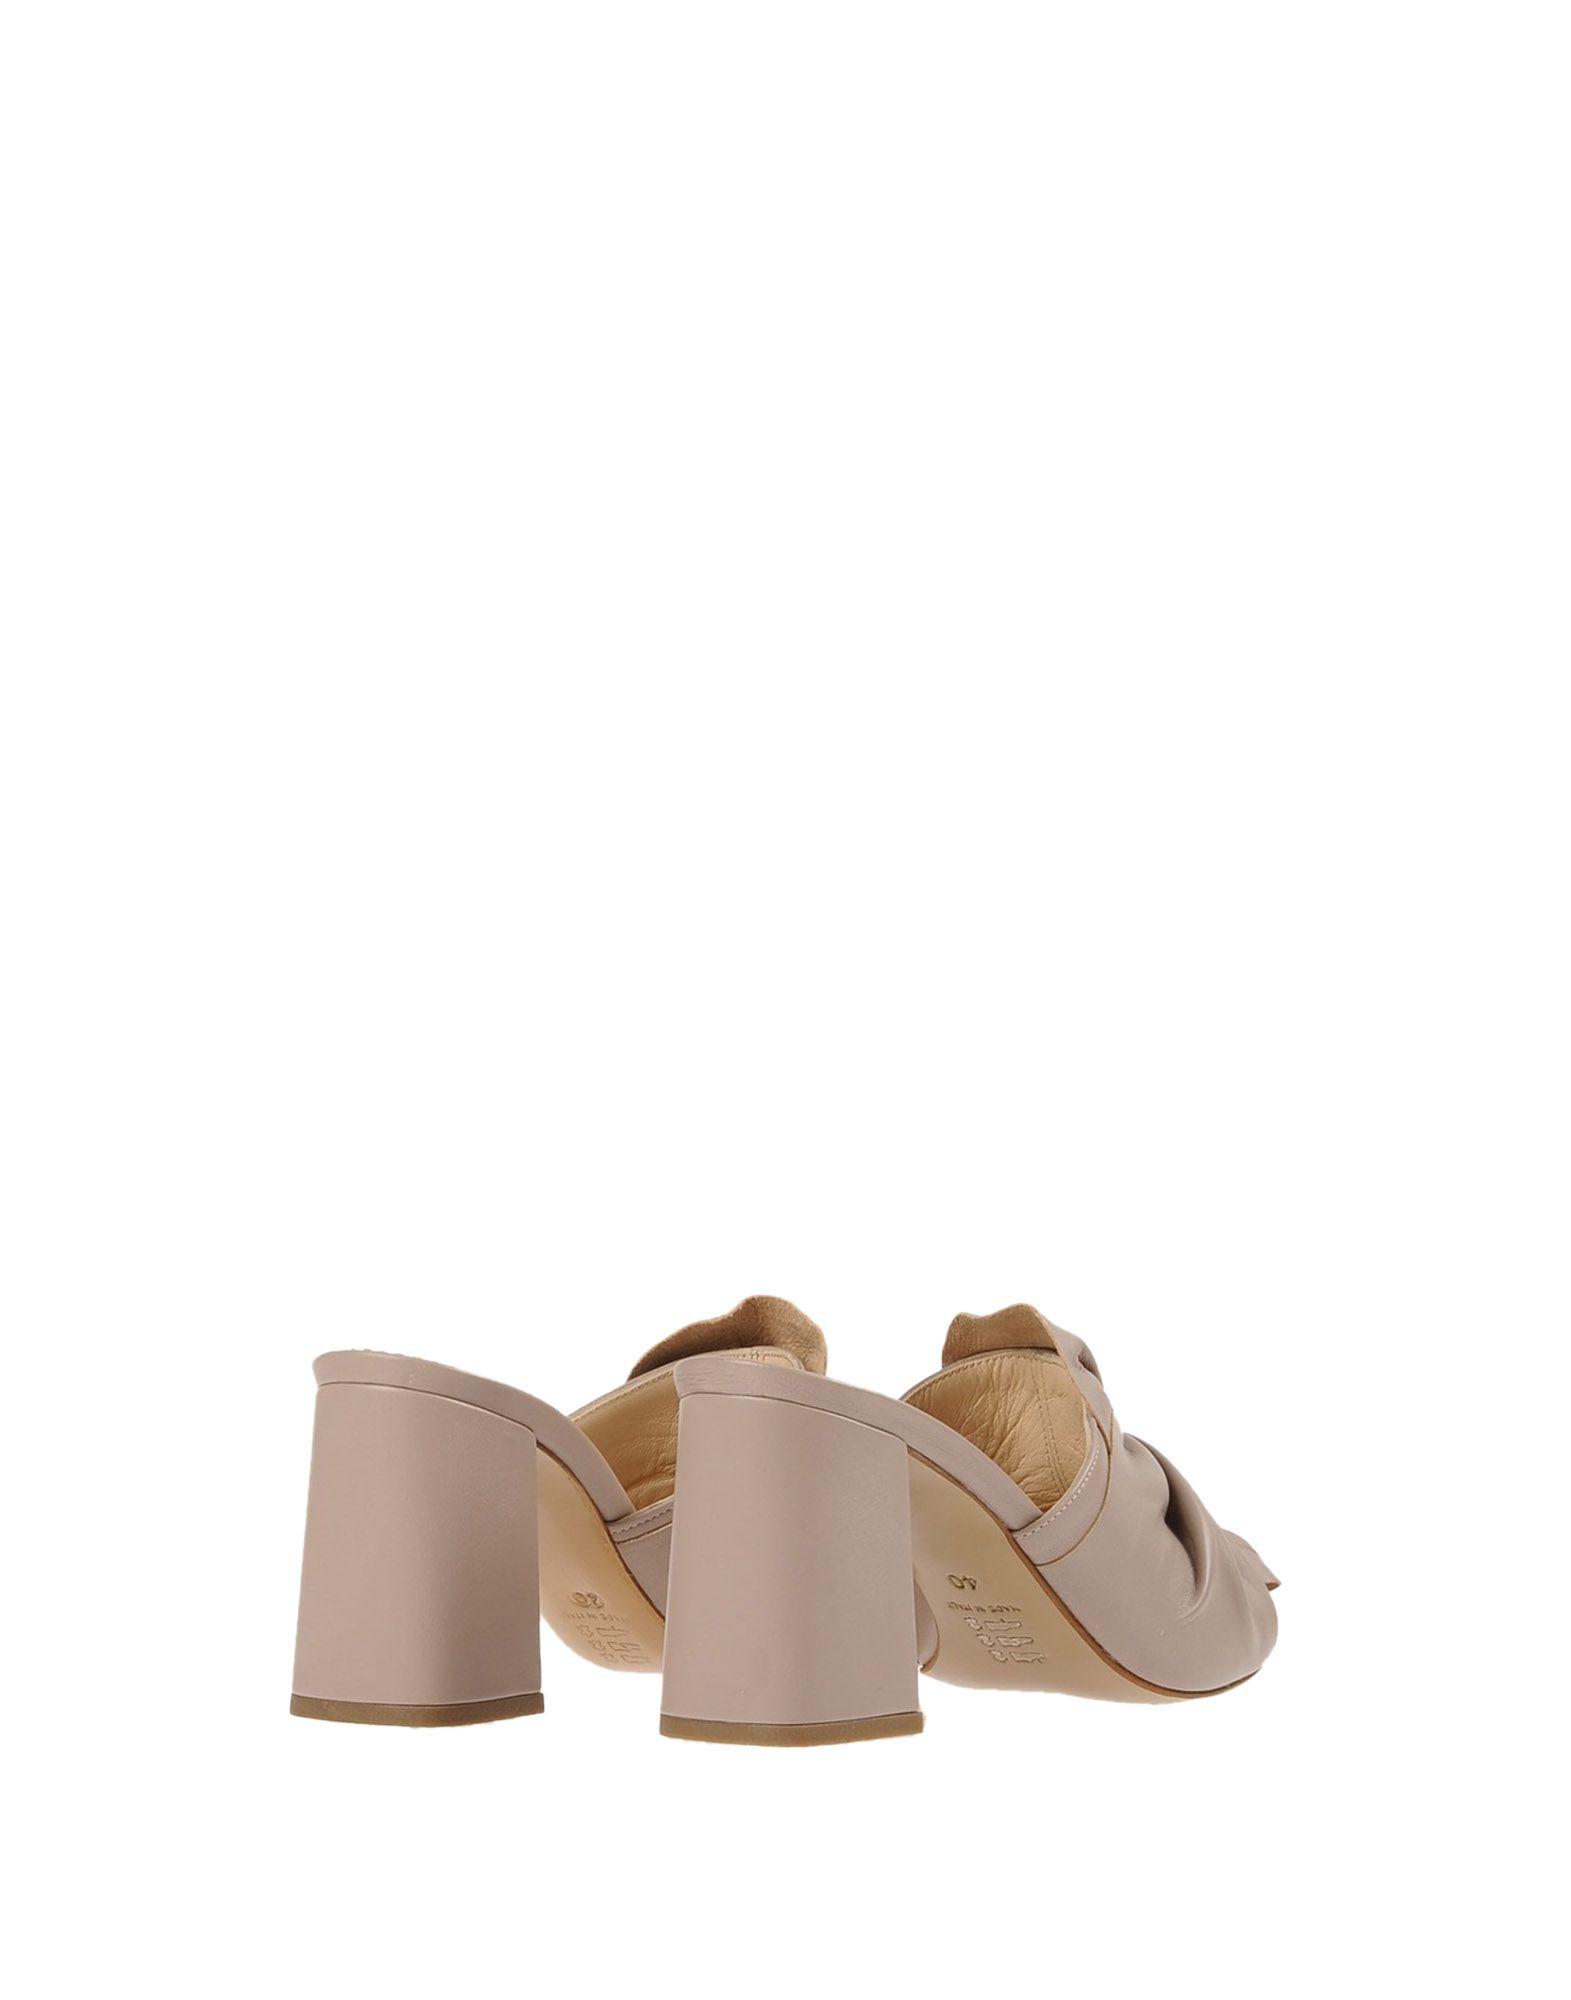 8 Sandalen Damen beliebte  11452761UN Gute Qualität beliebte Damen Schuhe 2aa697